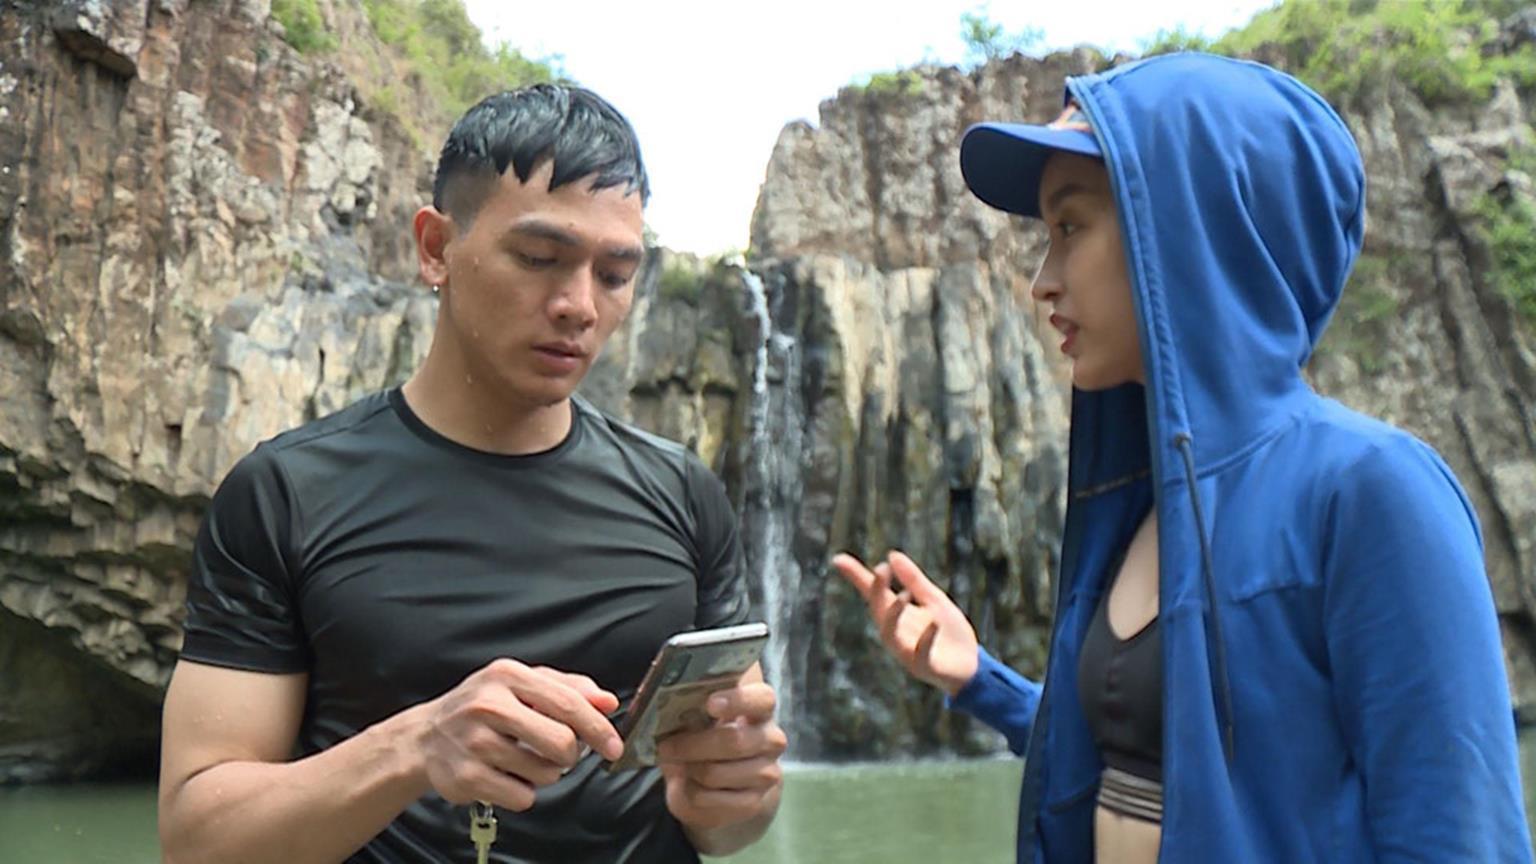 Hoa hậu Đỗ Mỹ Linh mặc đẹp tựa nữ thần, phớt lờ ồn ào bủa vây?-8